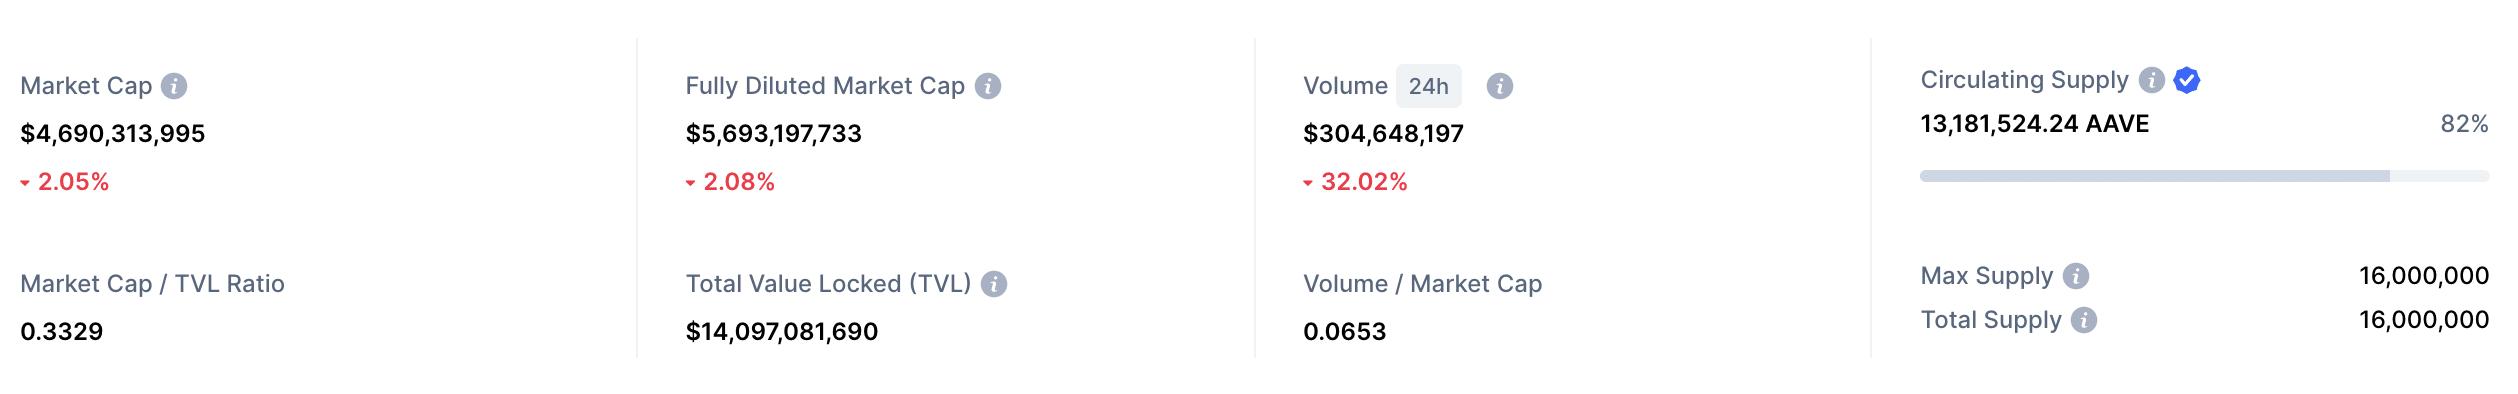 aave market cap